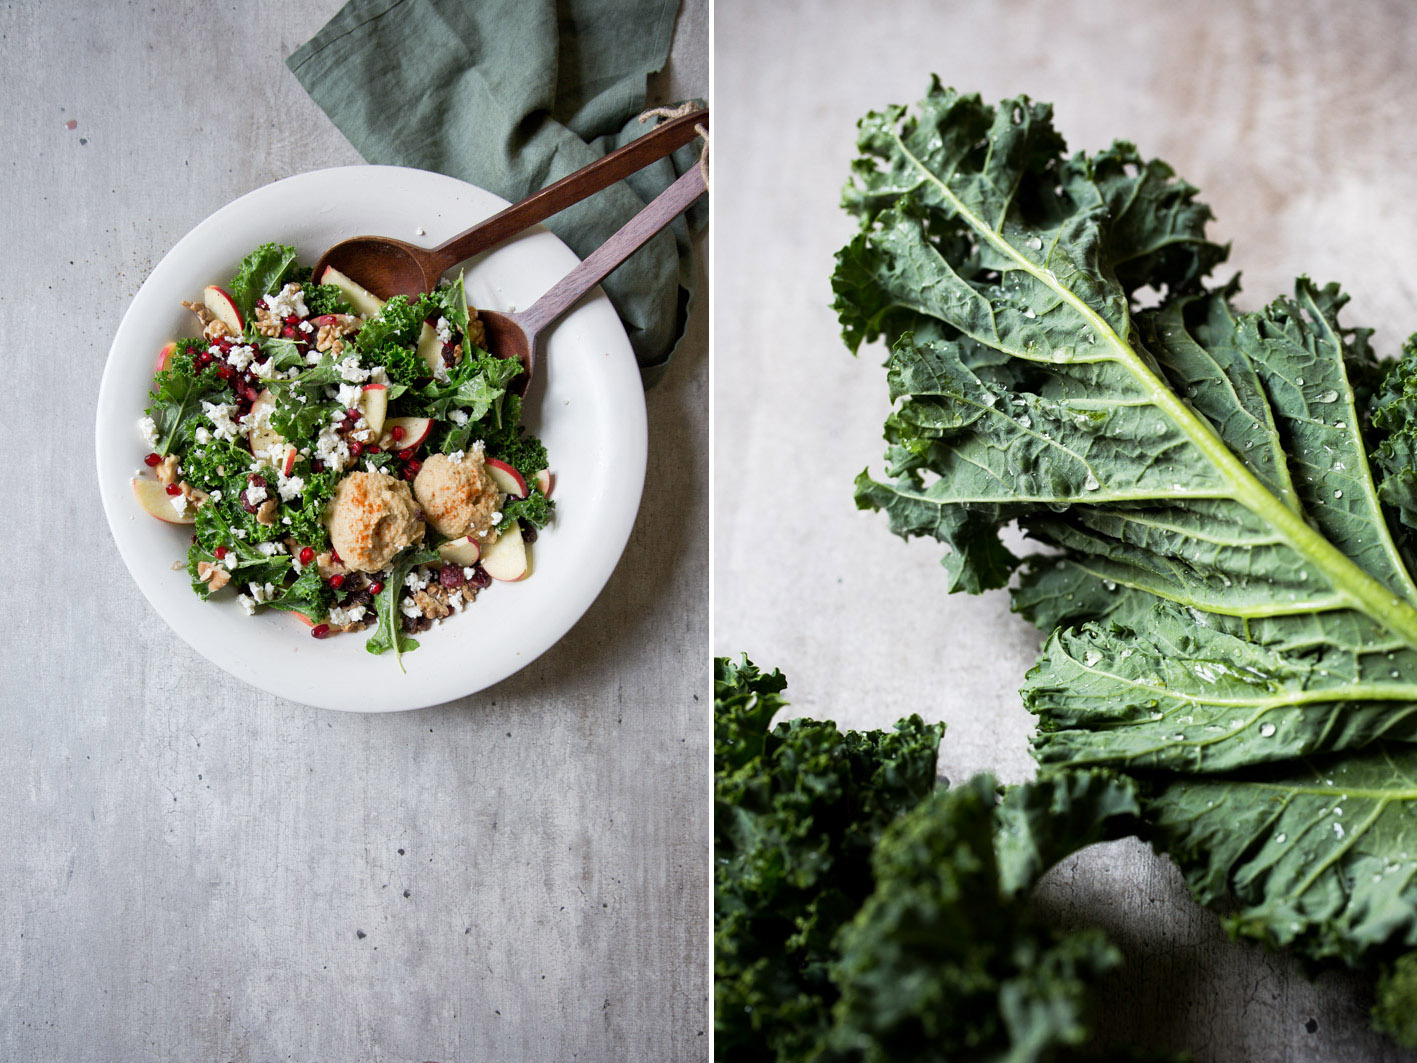 Gesunder Grünkohlsalat mit Hummus